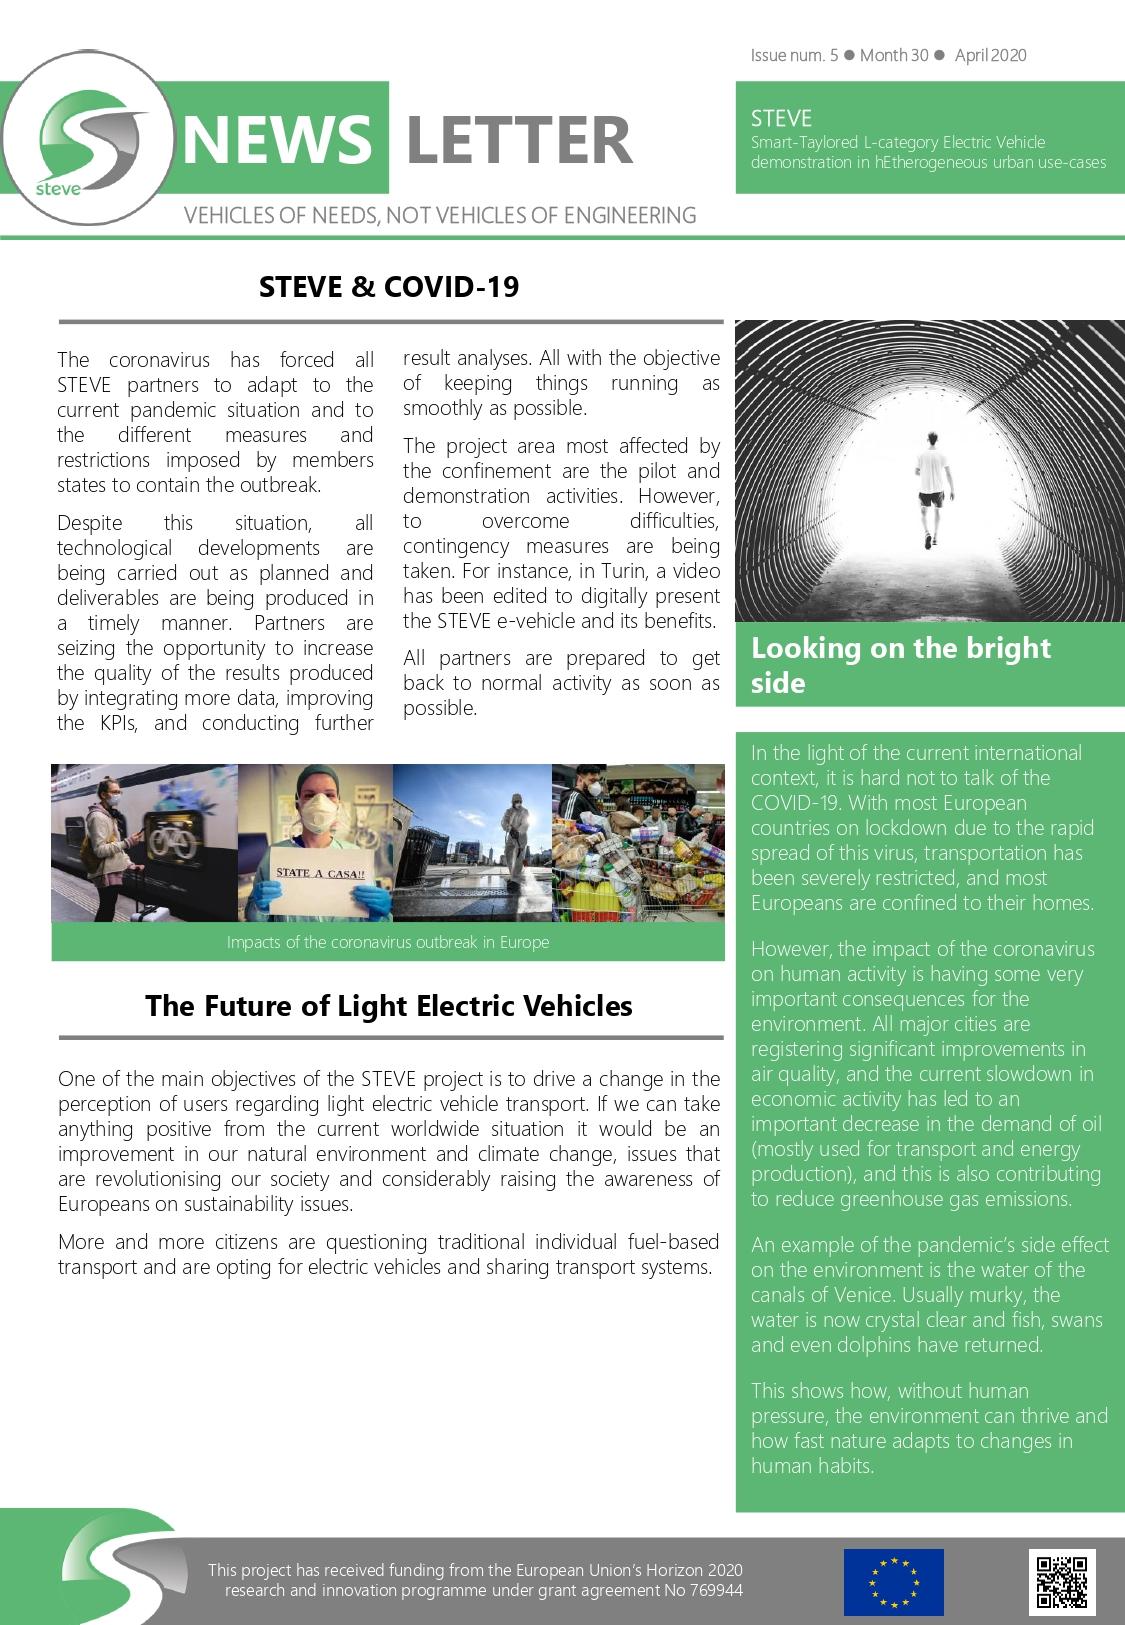 Fifth STEVE Newsletter